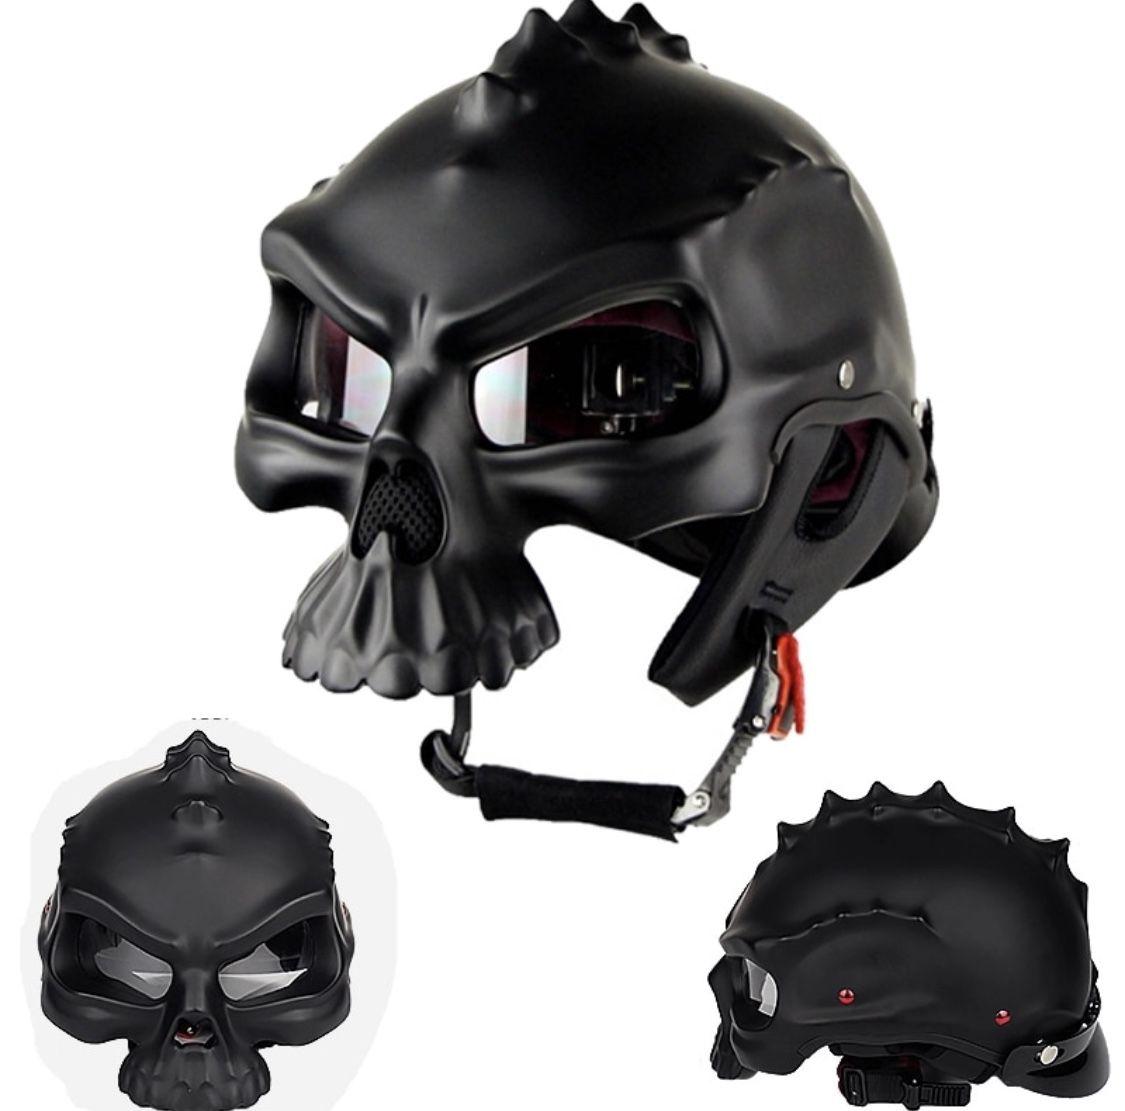 Creativebikers - Motion In Pleasure   Motorcycle helmets